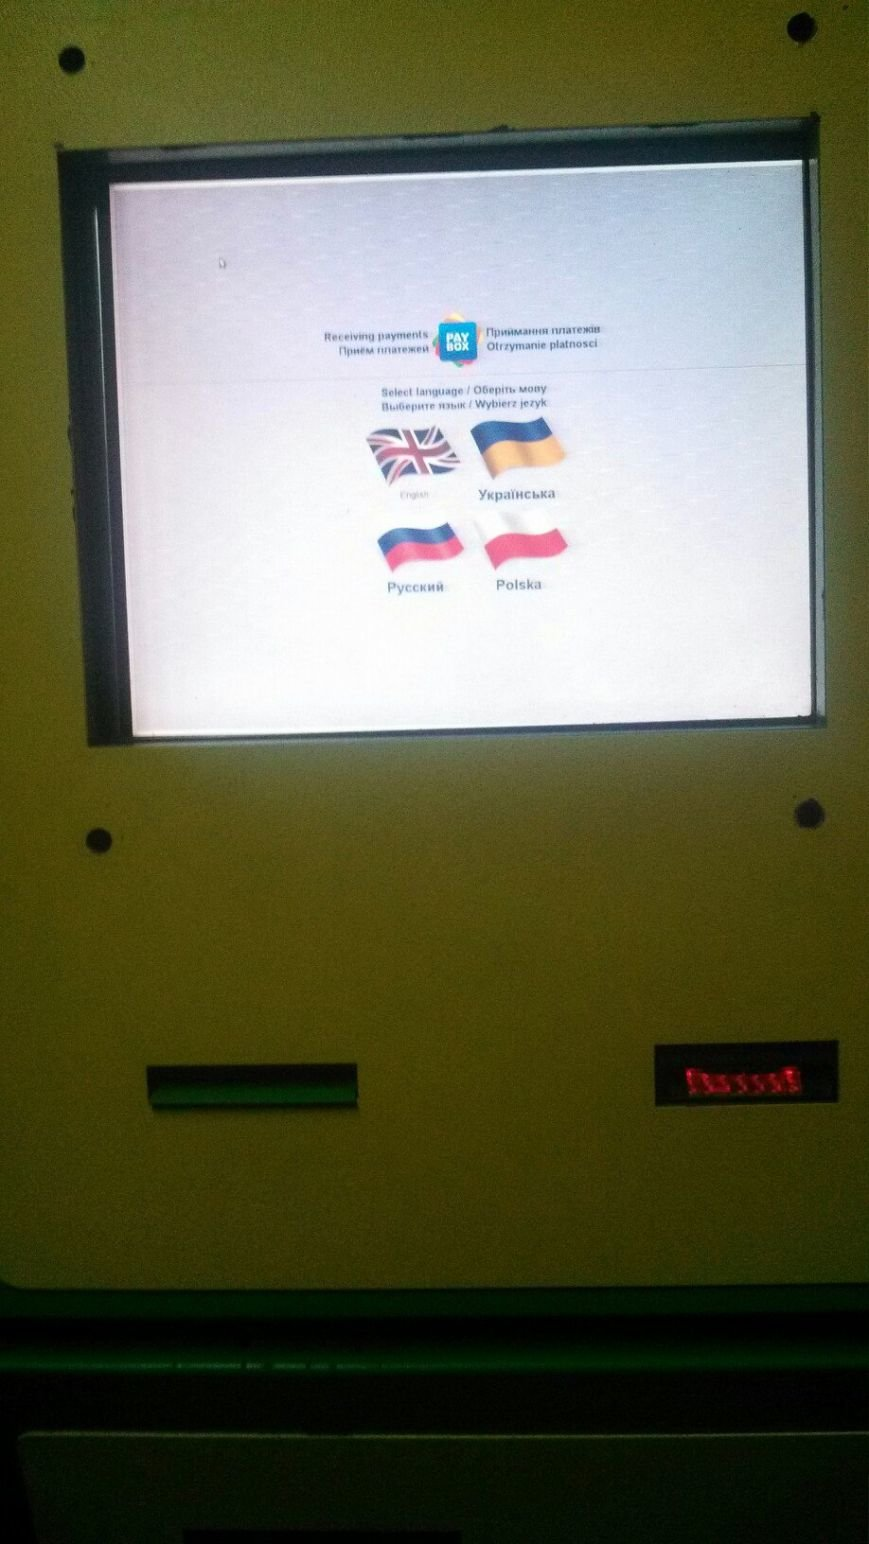 В Каменском изъяли оборудование из зала игровых автоматов, фото-3